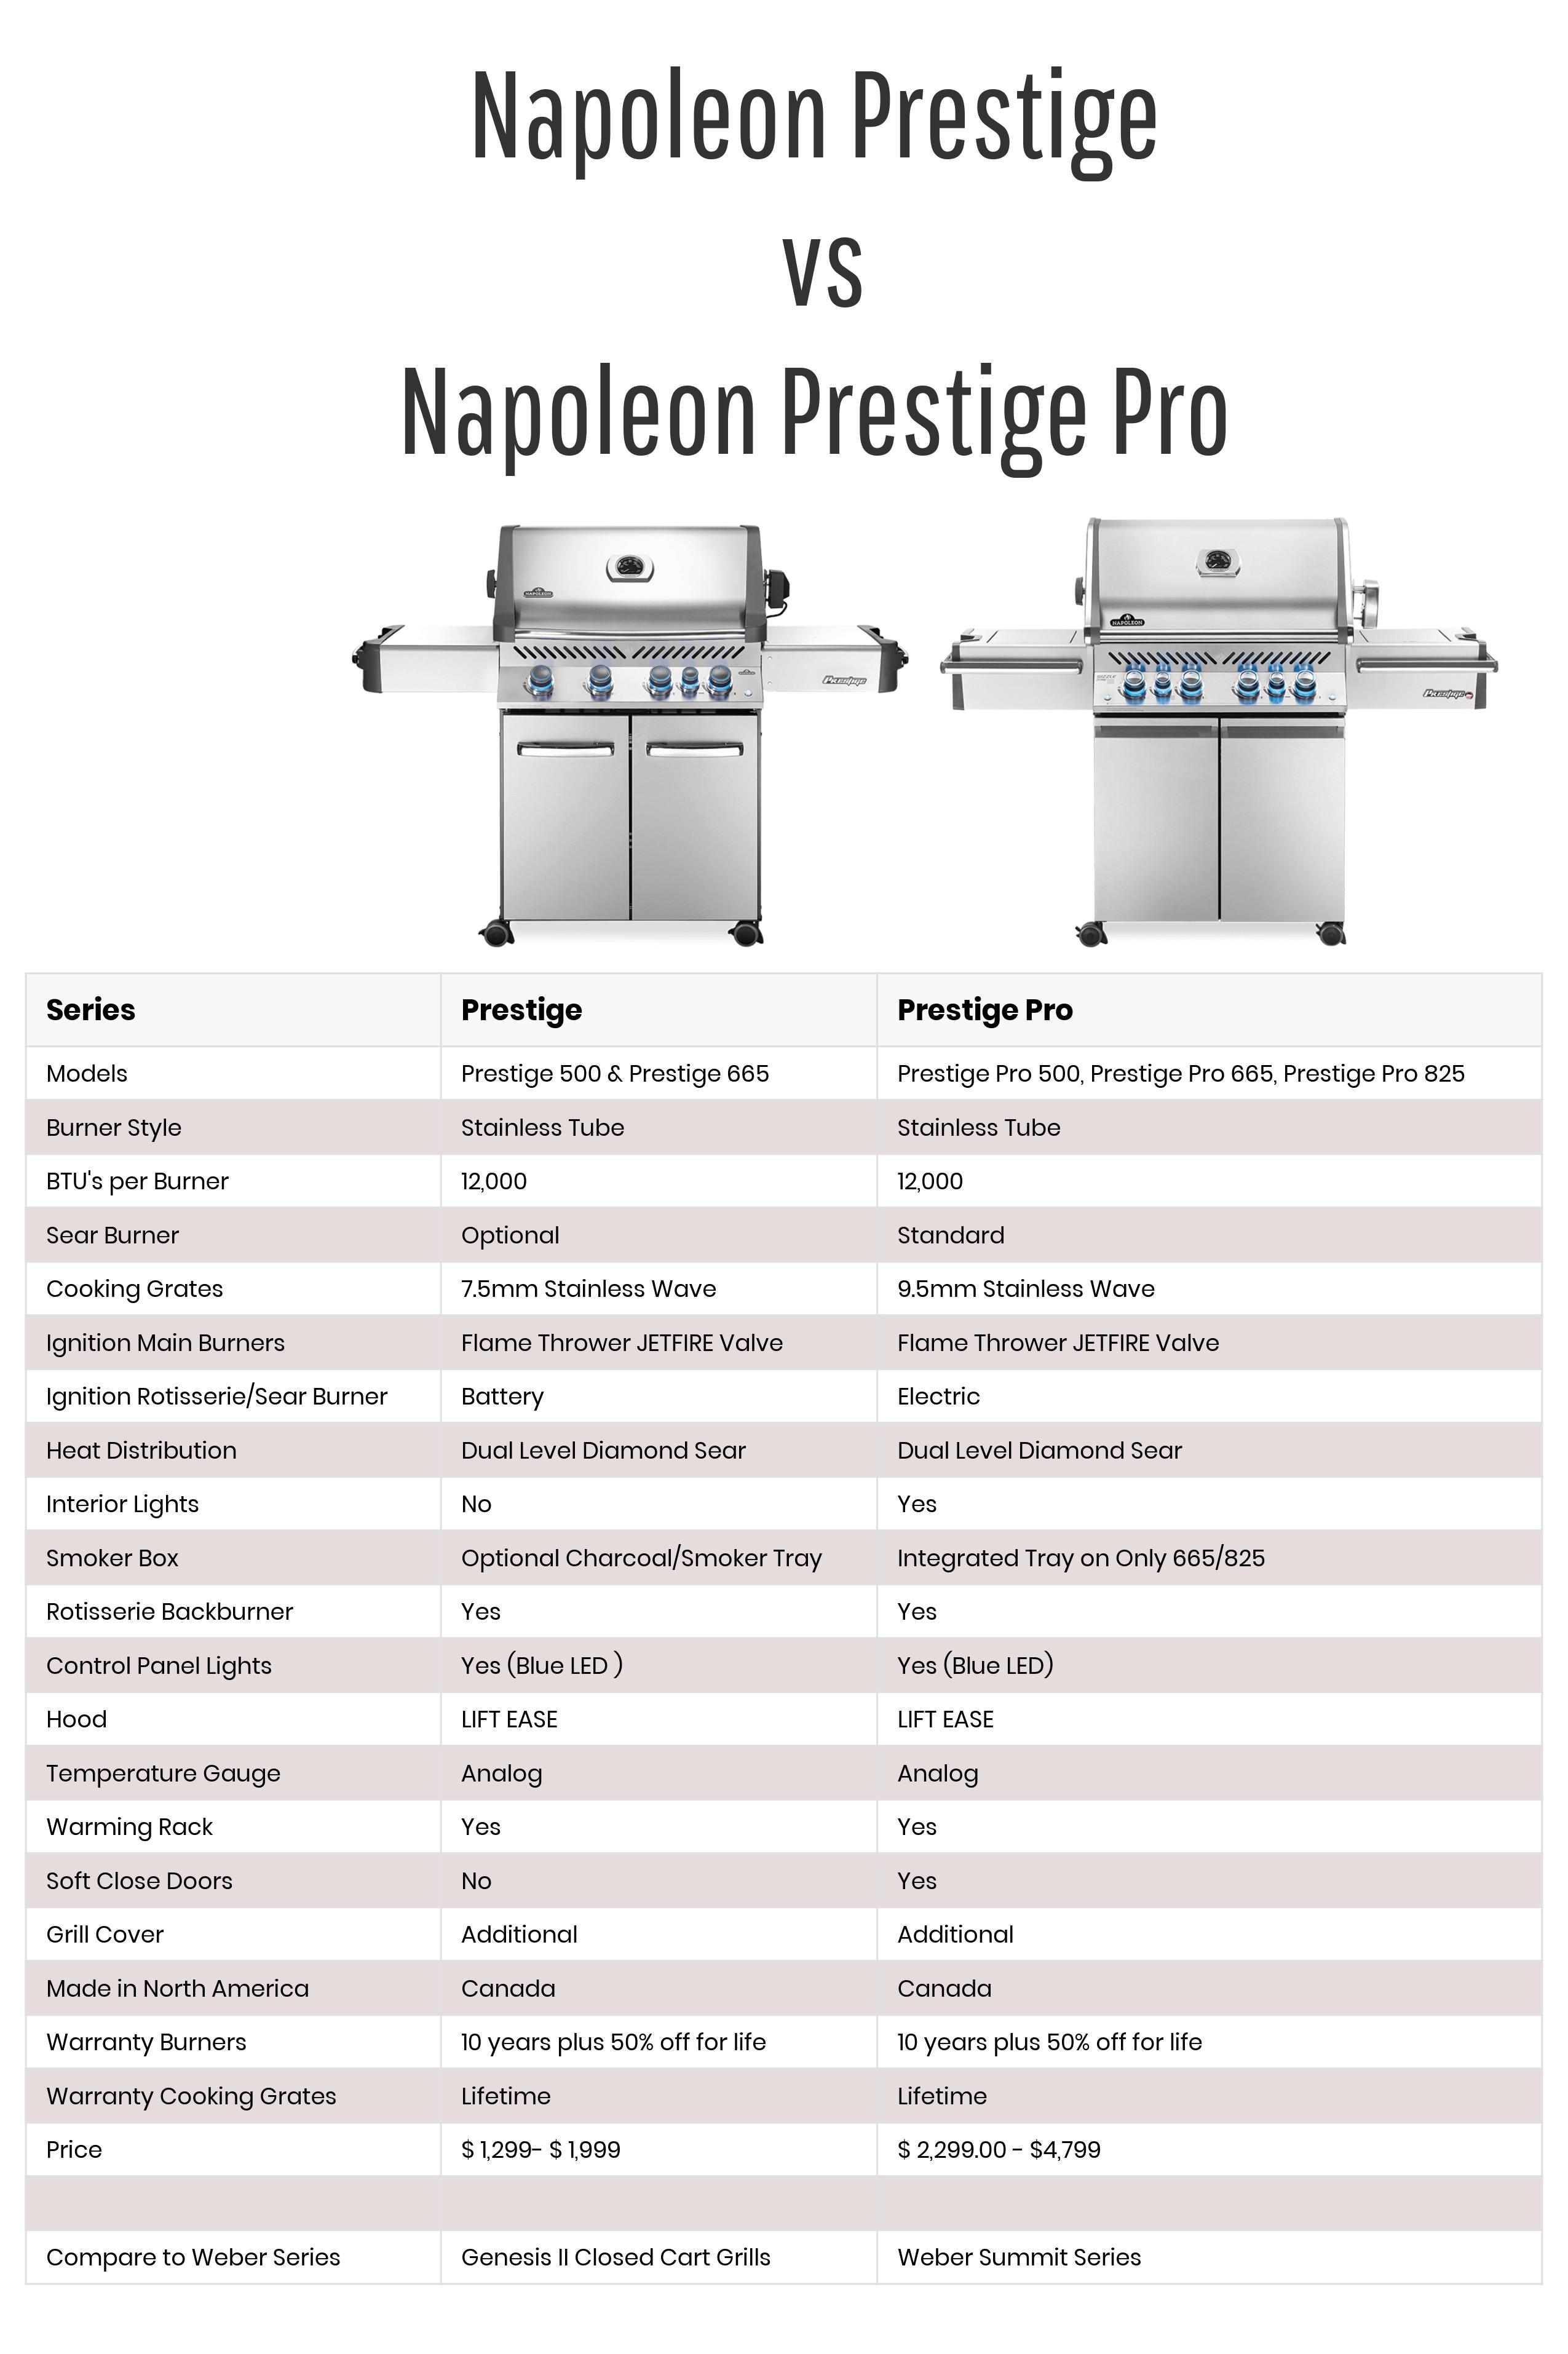 Napoleon Prestige vs Prestige Pro